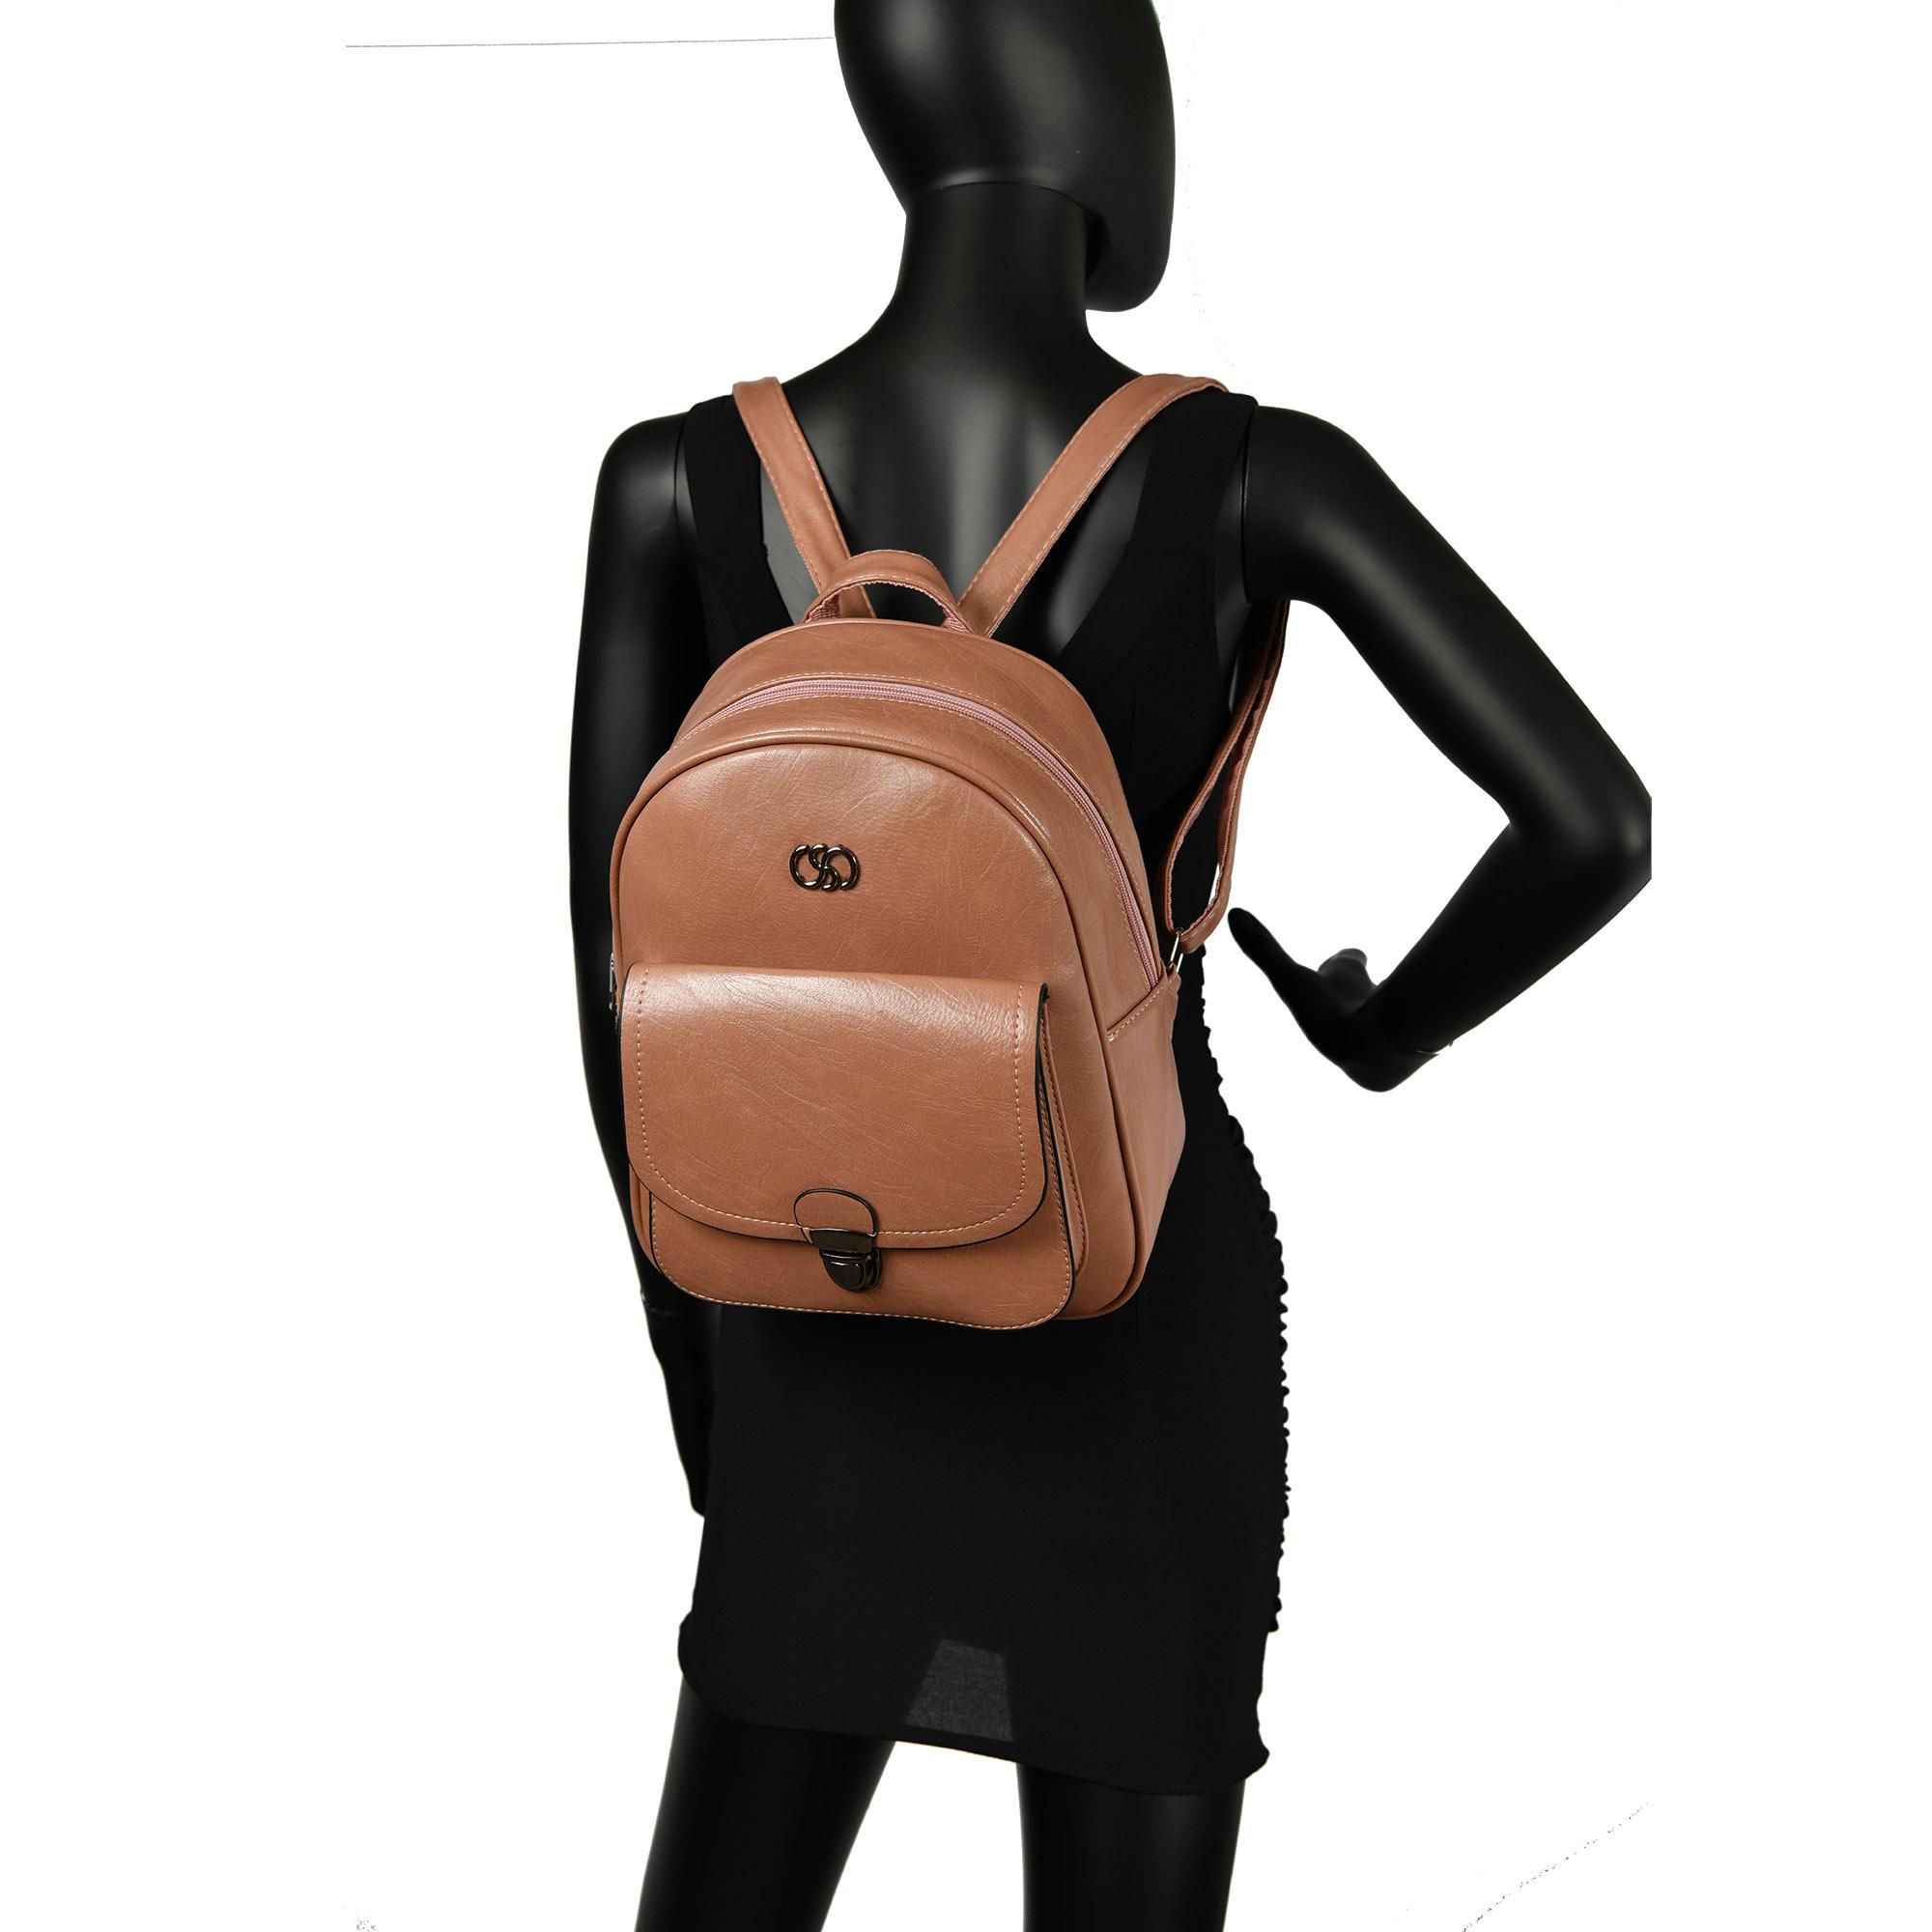 Bolsa feminina grande tipo sacola de ombro couro sintético